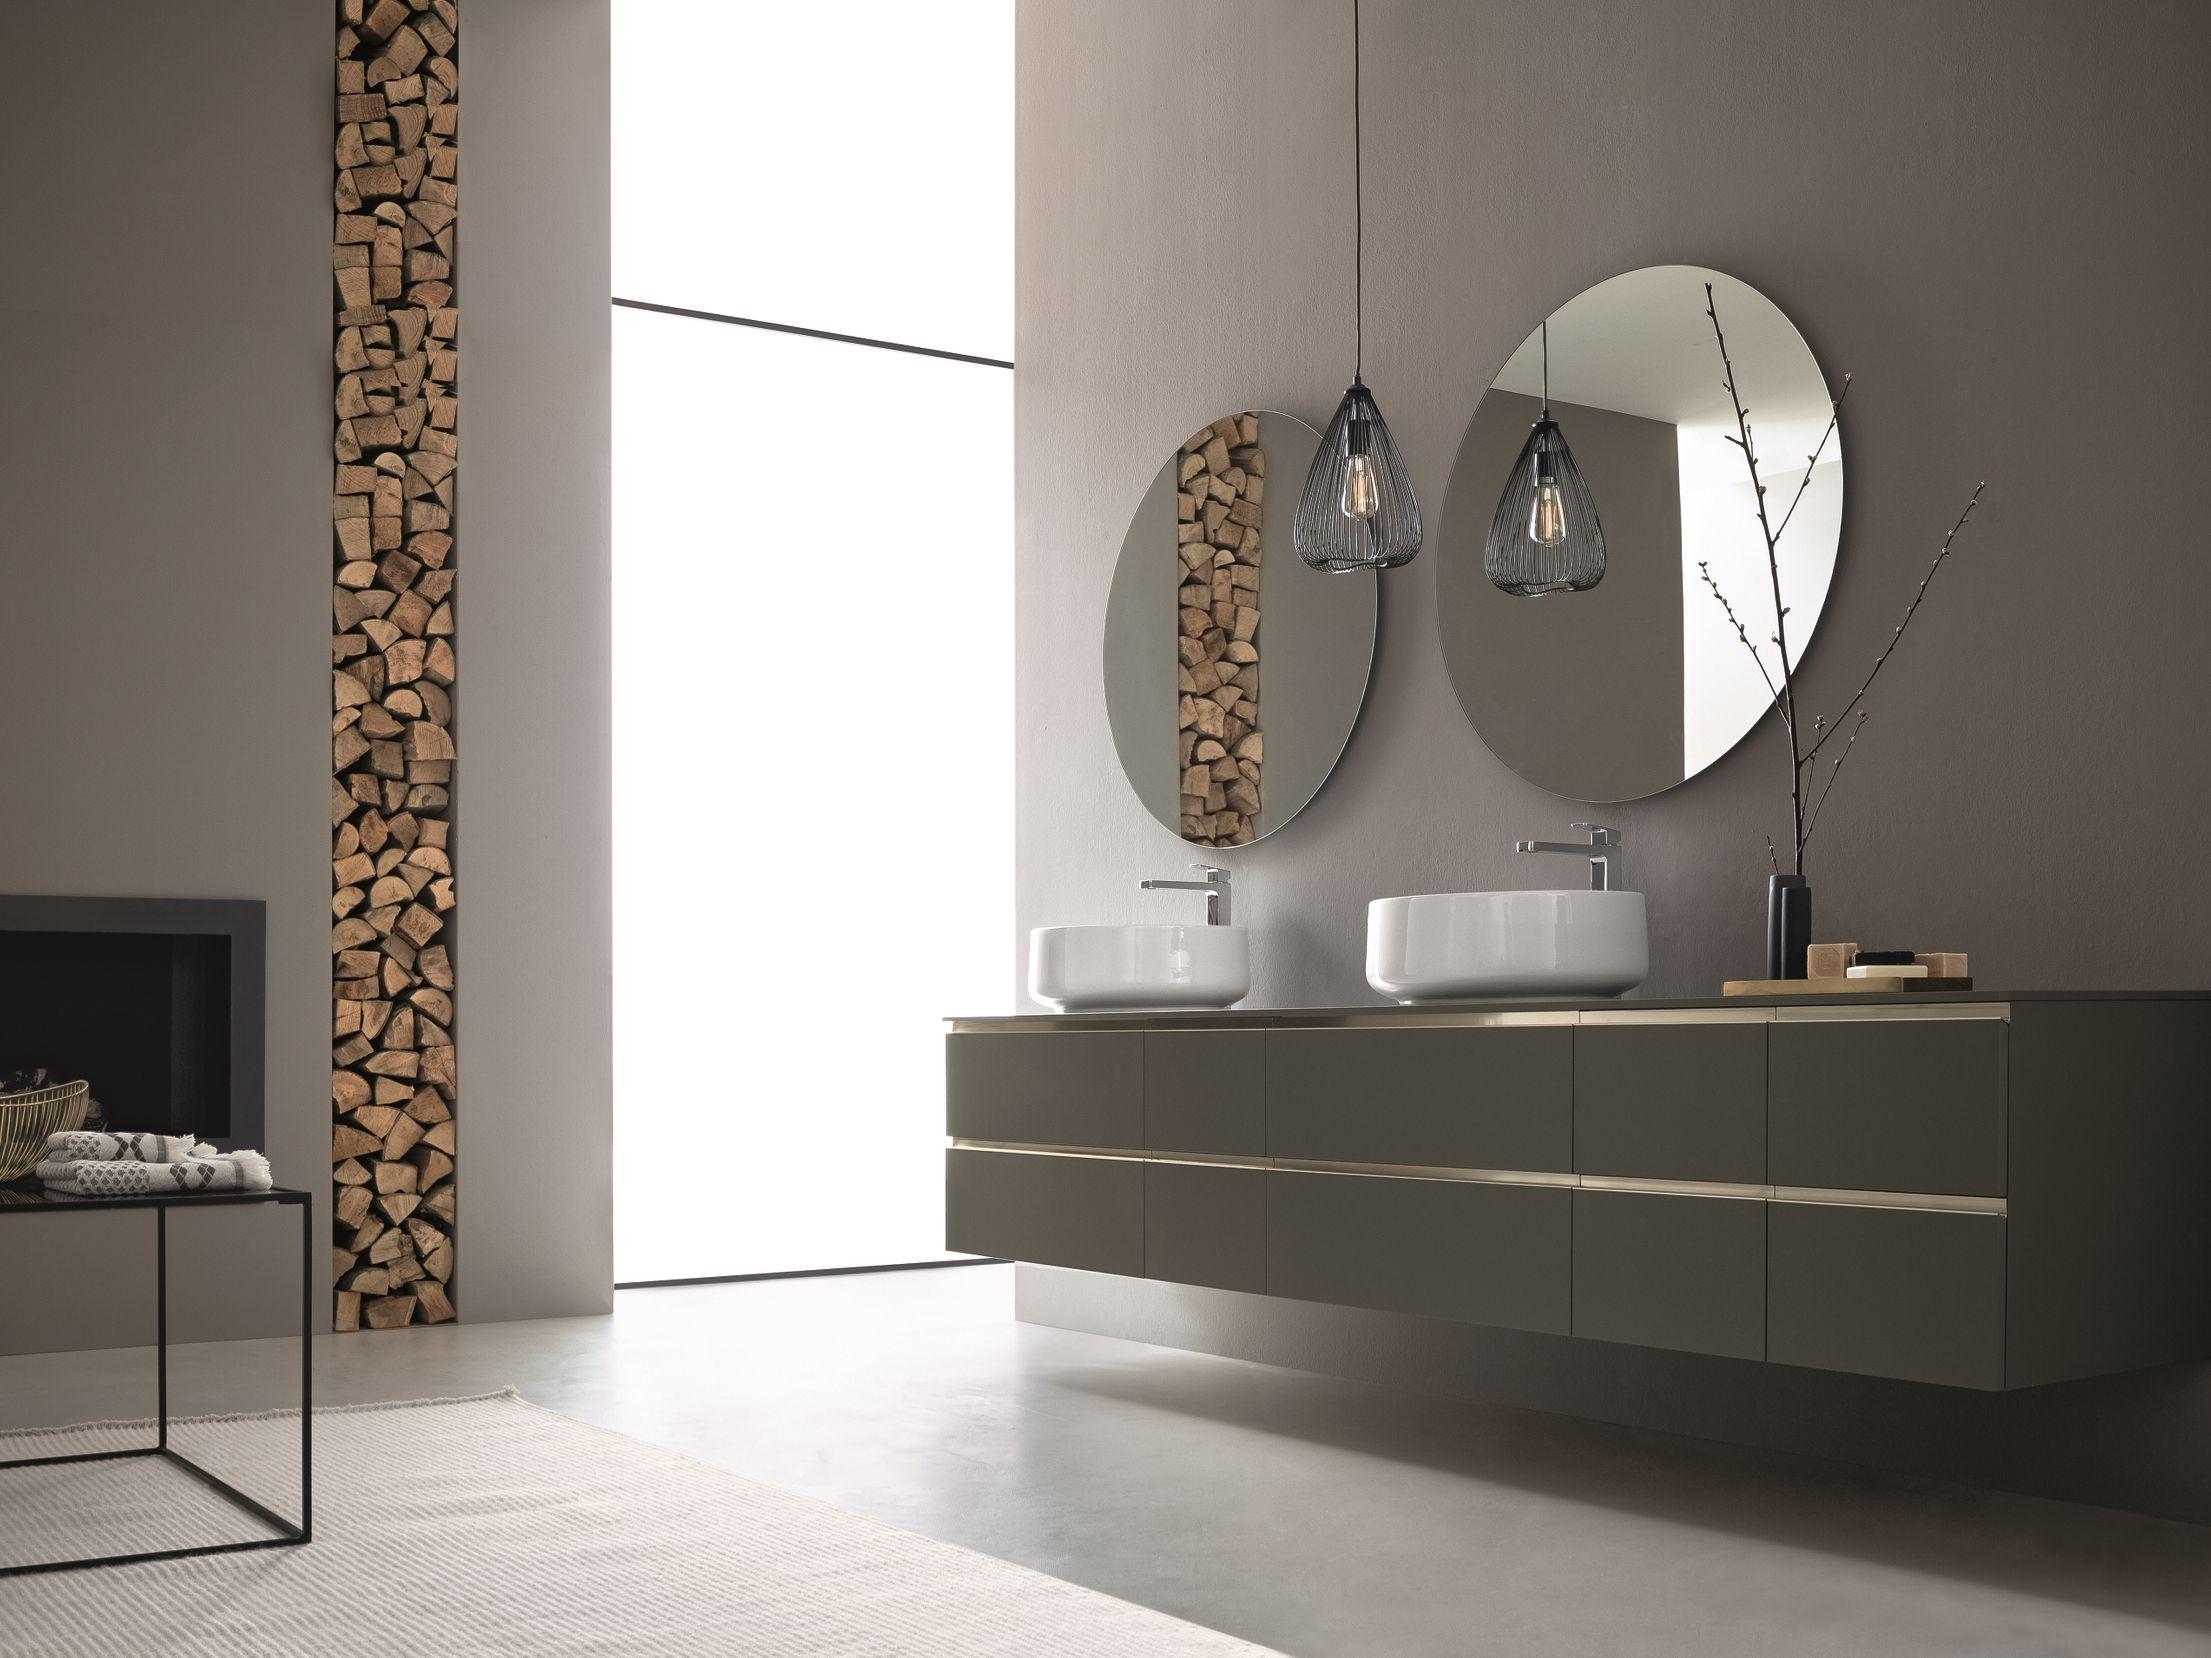 Mobile lavabo doppio sospeso con specchio dress 05 collezione dress 2017 by arblu - Mobili bagno con specchio ...